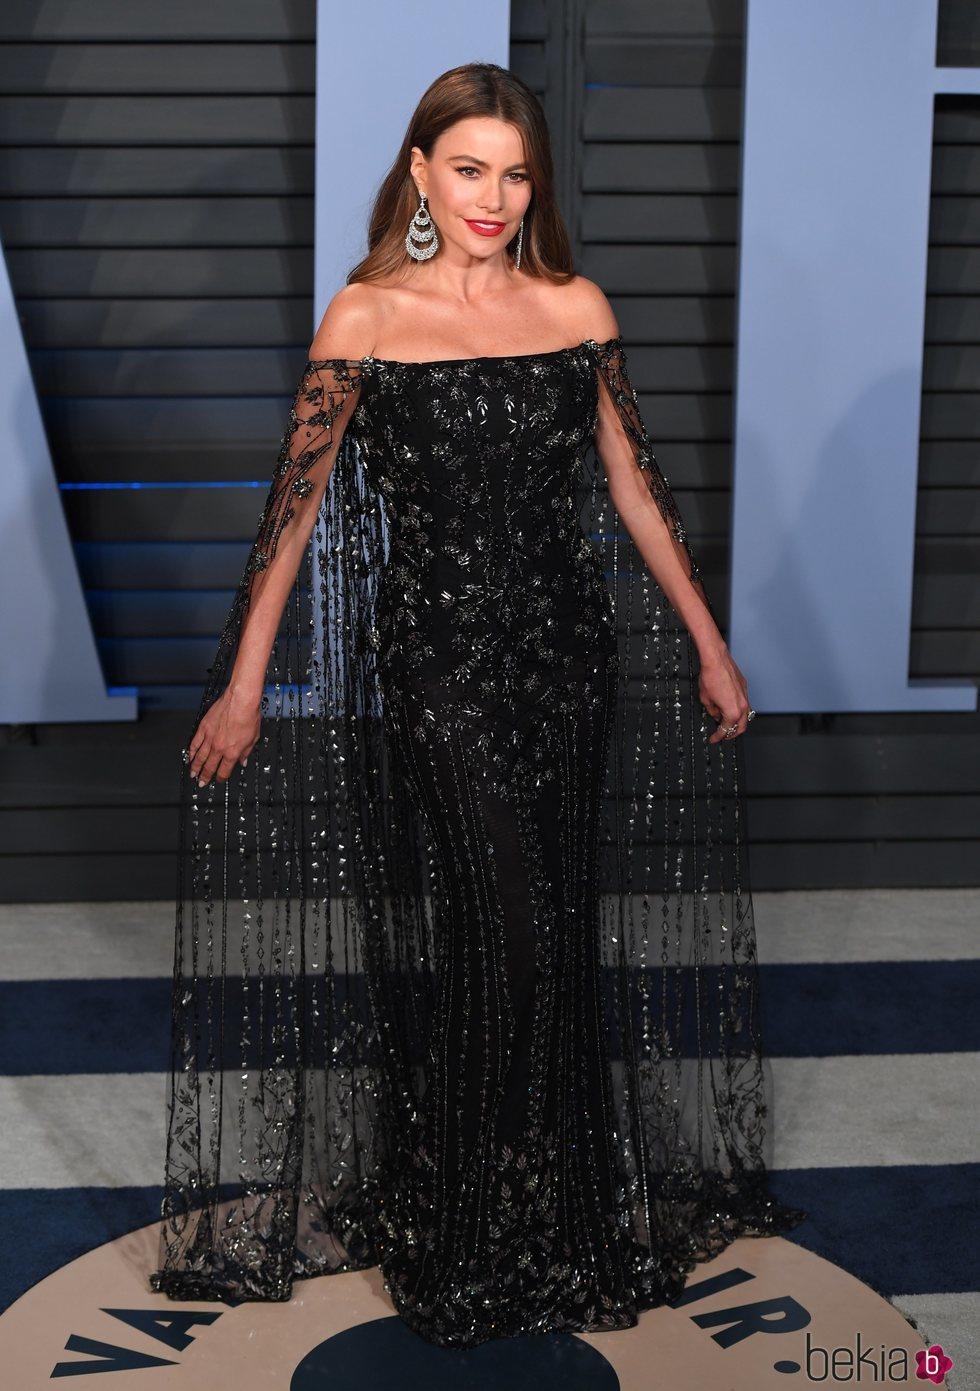 Sofía Vergara en la fiesta Vanity Fair tras los Oscar 2018